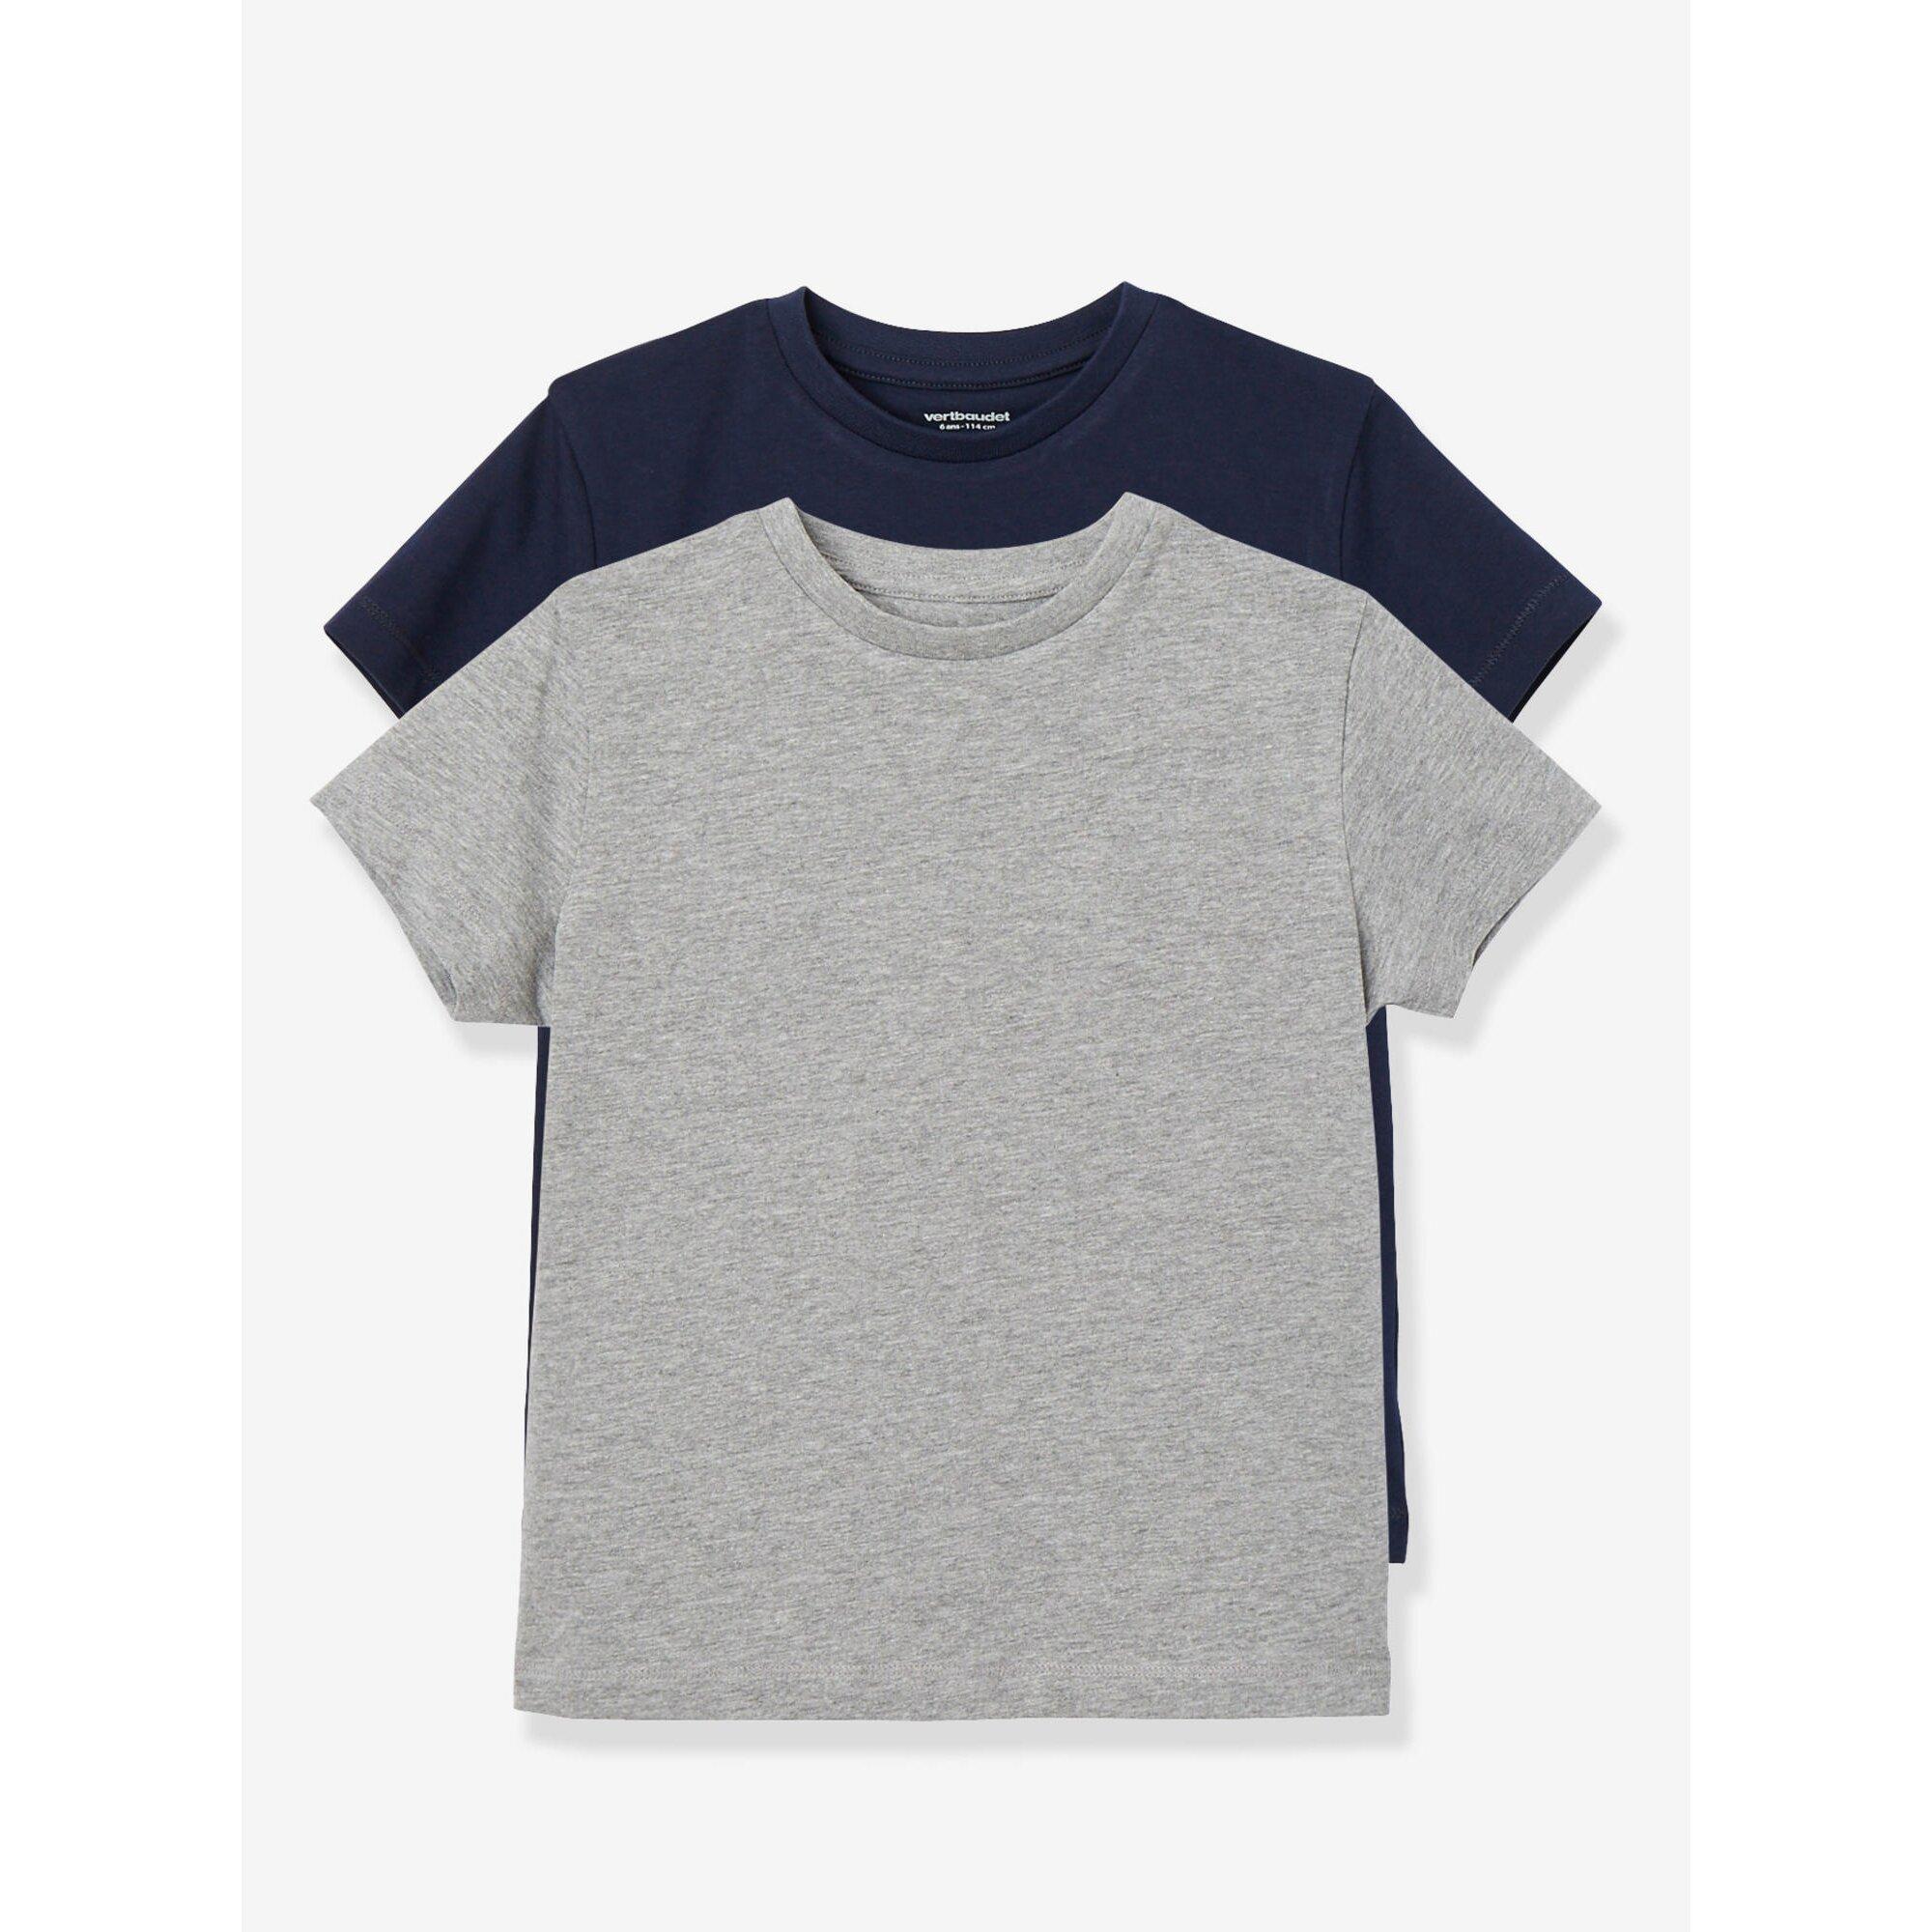 vertbaudet-2er-pack-t-shirts-fur-jungen, 8.99 EUR @ babywalz-de